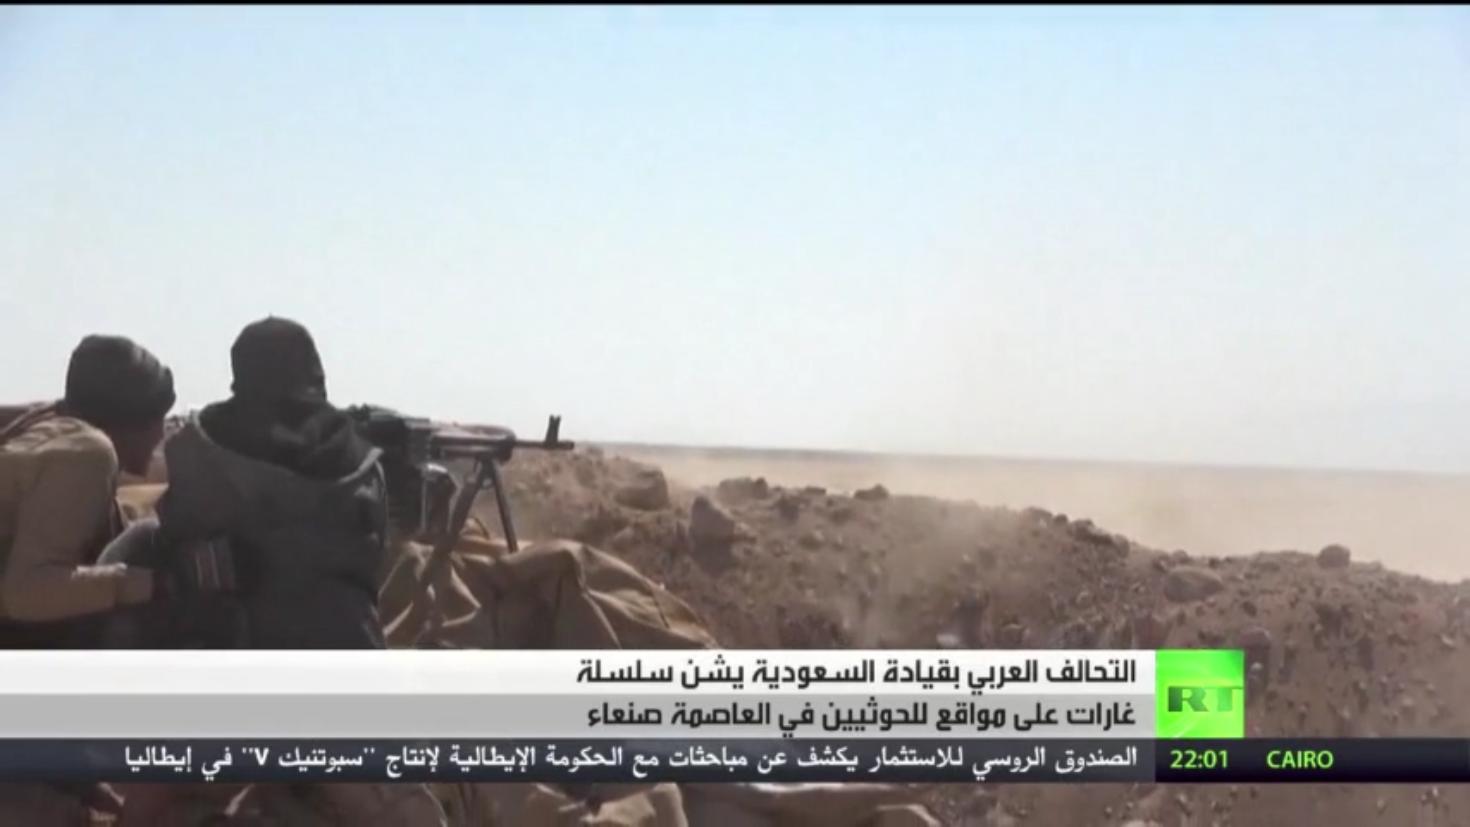 الحوثيون: استهدفنا مواقع عدة داخل السعودية